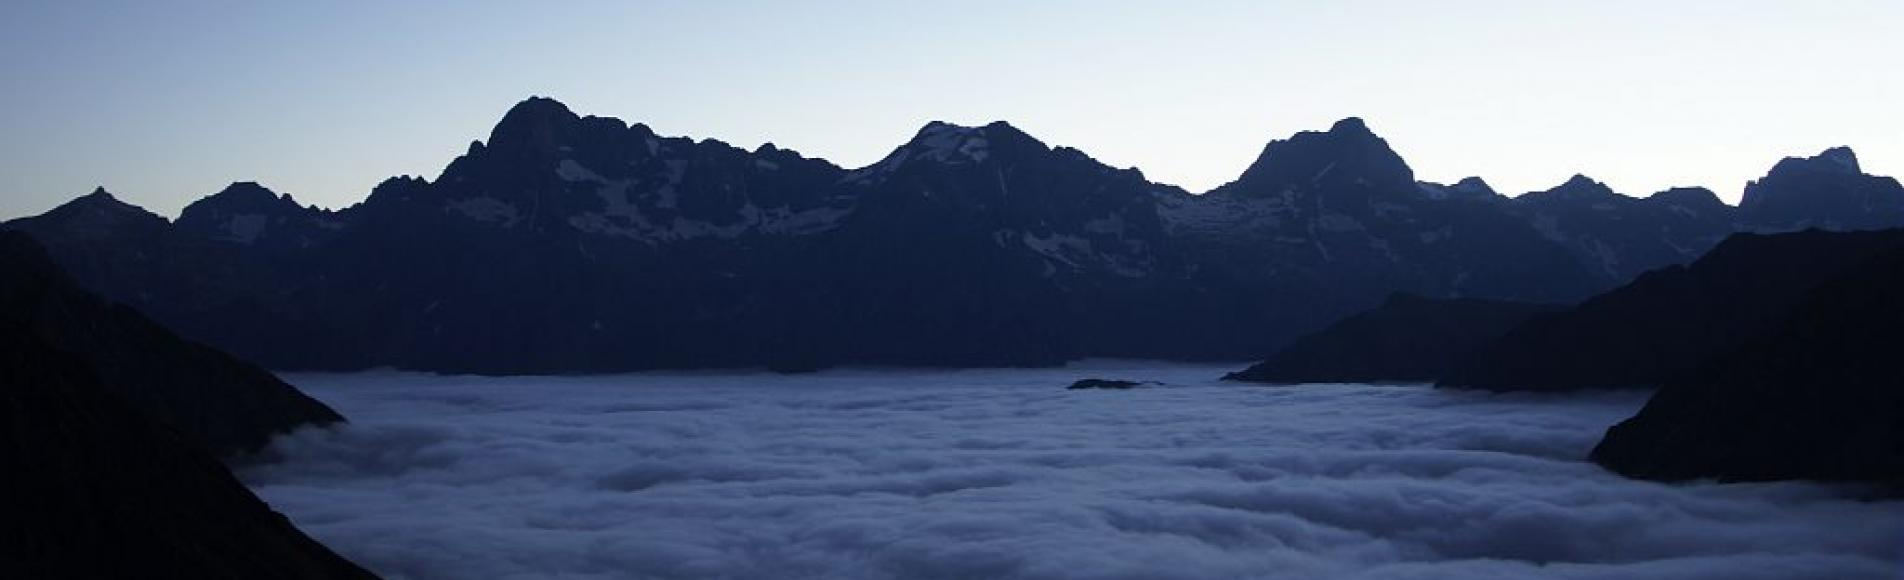 Mer de nuage au dessus du vallon de l'Aup - vue sur la rive droite de la haute séveraisse, Olan, Cime du Vallon, Rouies, Barre des Ecrins  © Ludovic Imberdis - Parc national des Ecrins